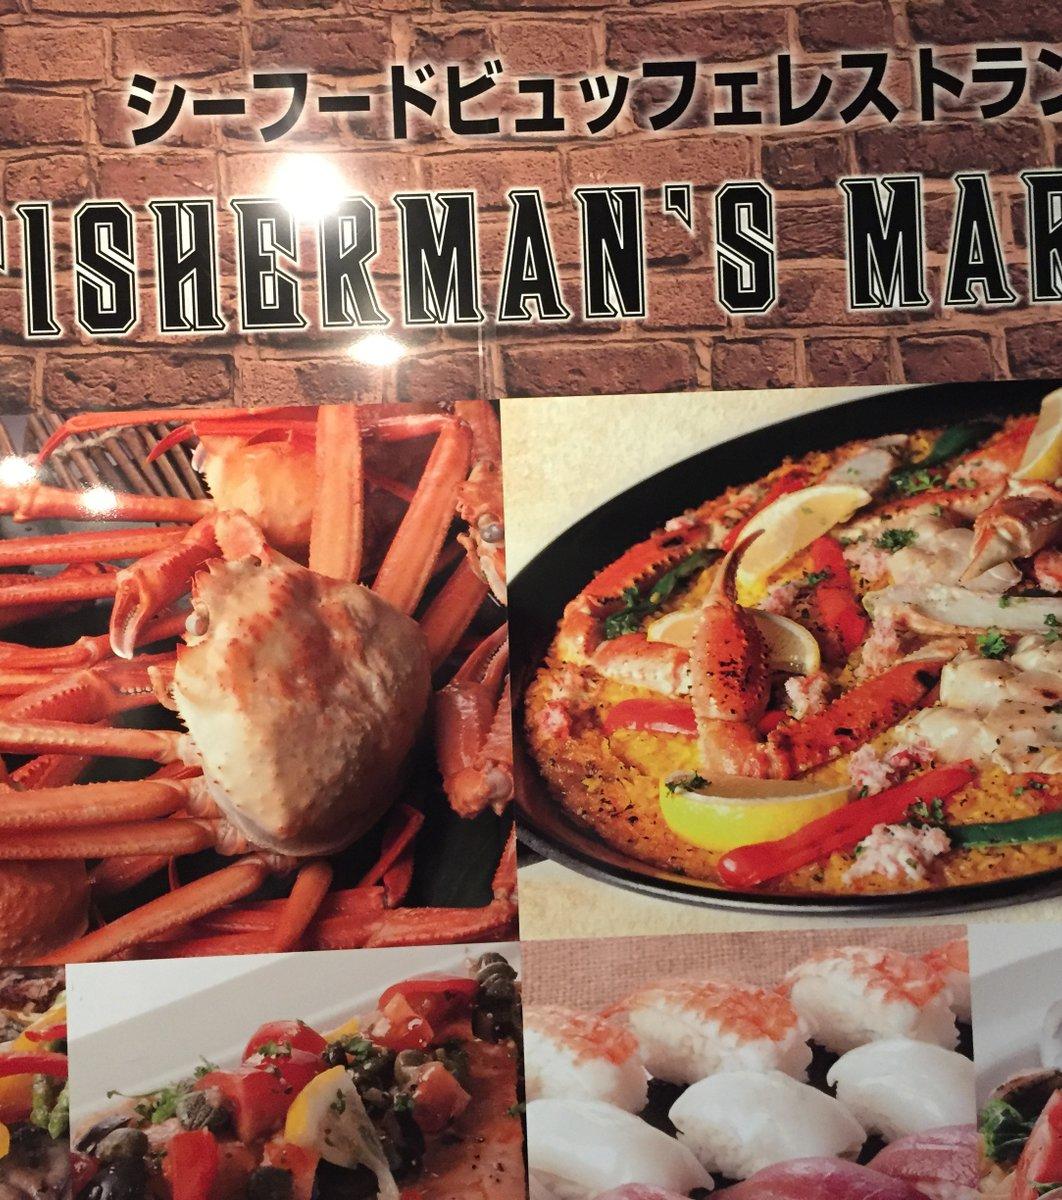 フィッシャーマンズ マーケット 横浜赤レンガ倉庫